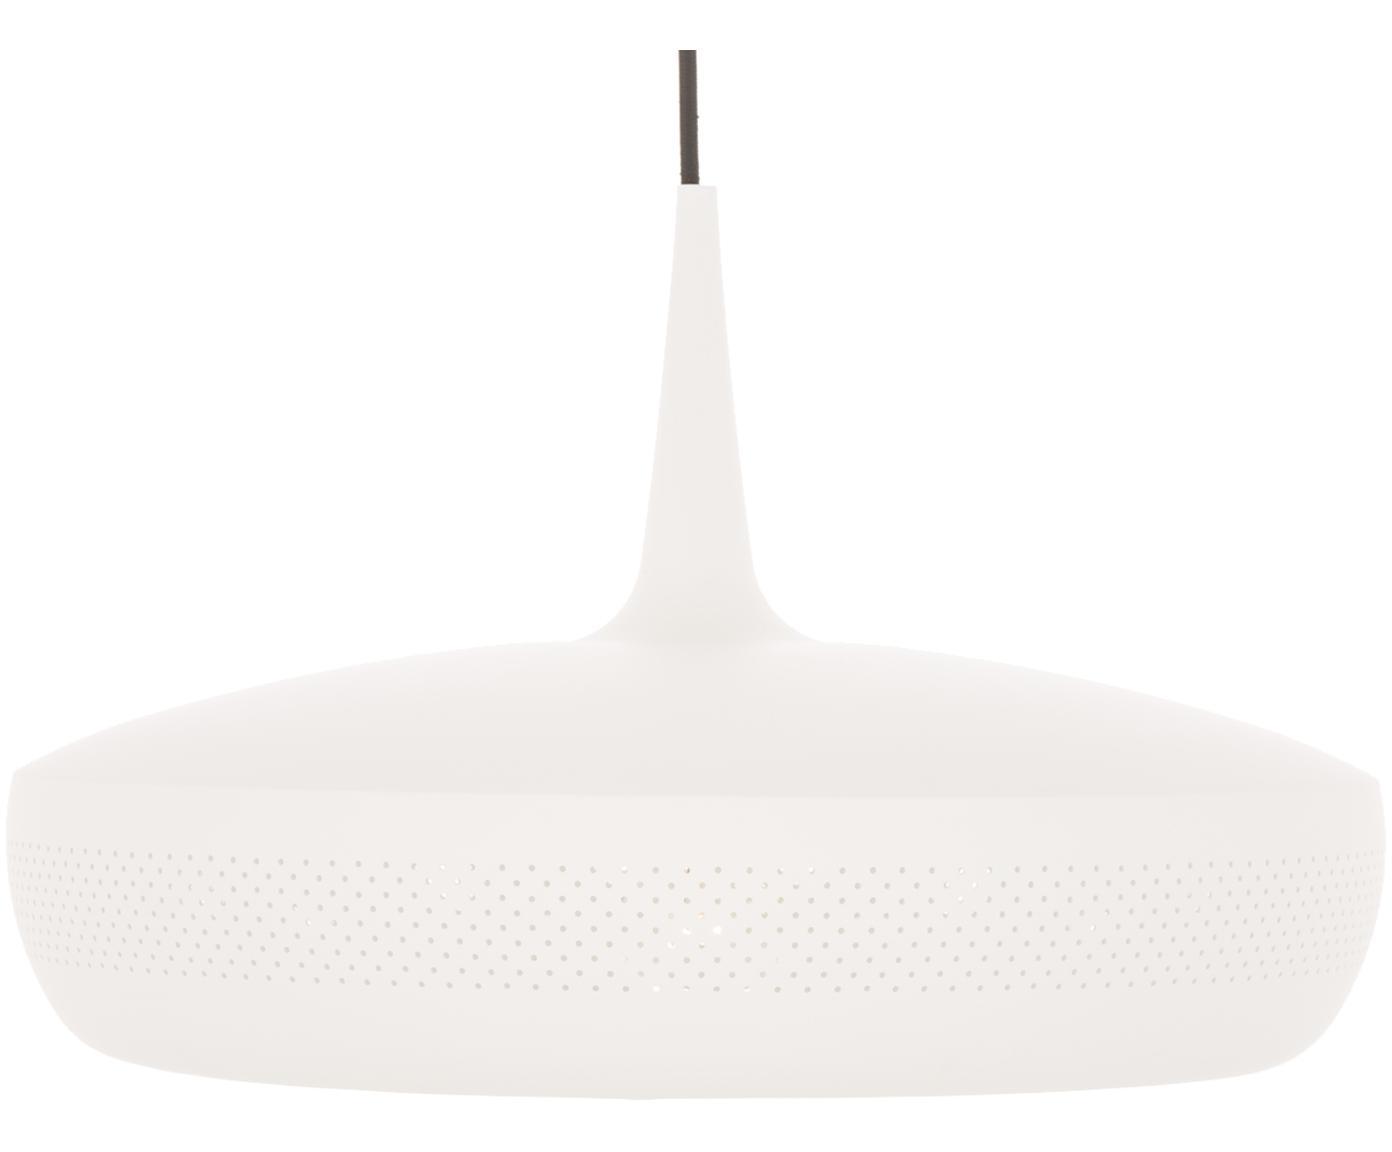 Pendelleuchte Clava Dine in Weiss, Lampenschirm: Aluminium, beschichtet, Weiss, matt, Ø 43 x H 28 cm